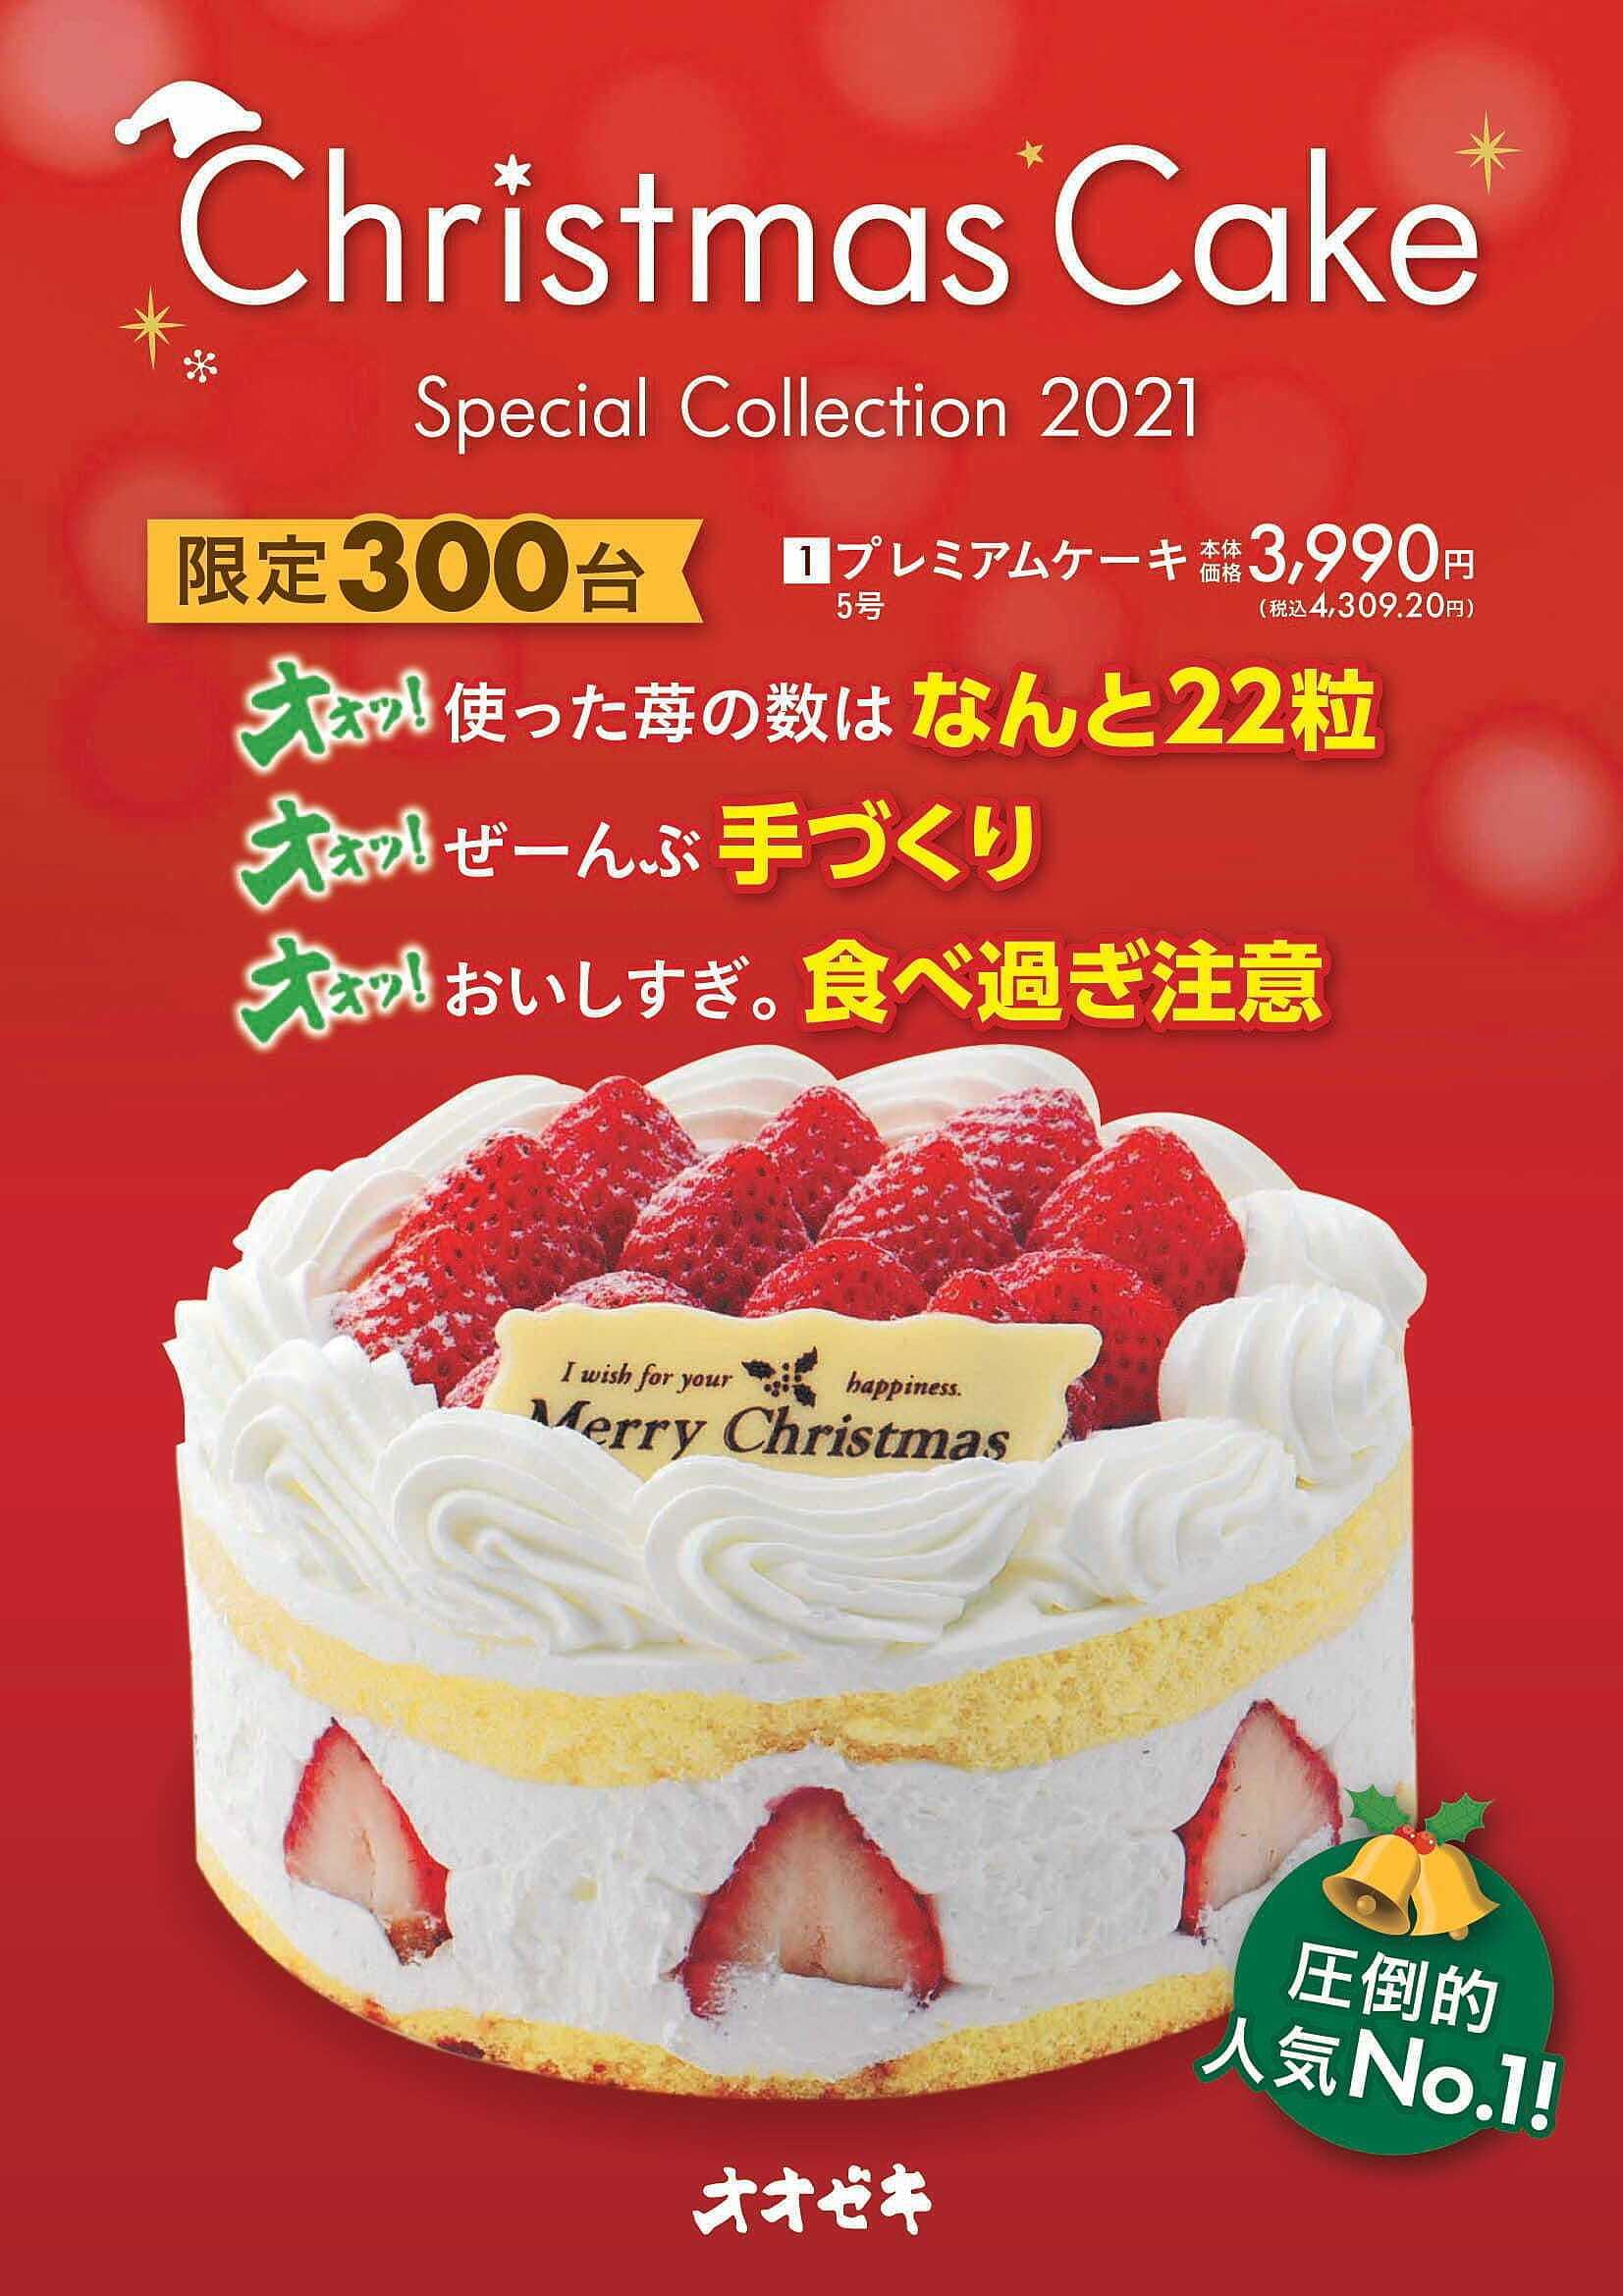 オオゼキ 【こだわりのクリスマスケーキ予約受付中】